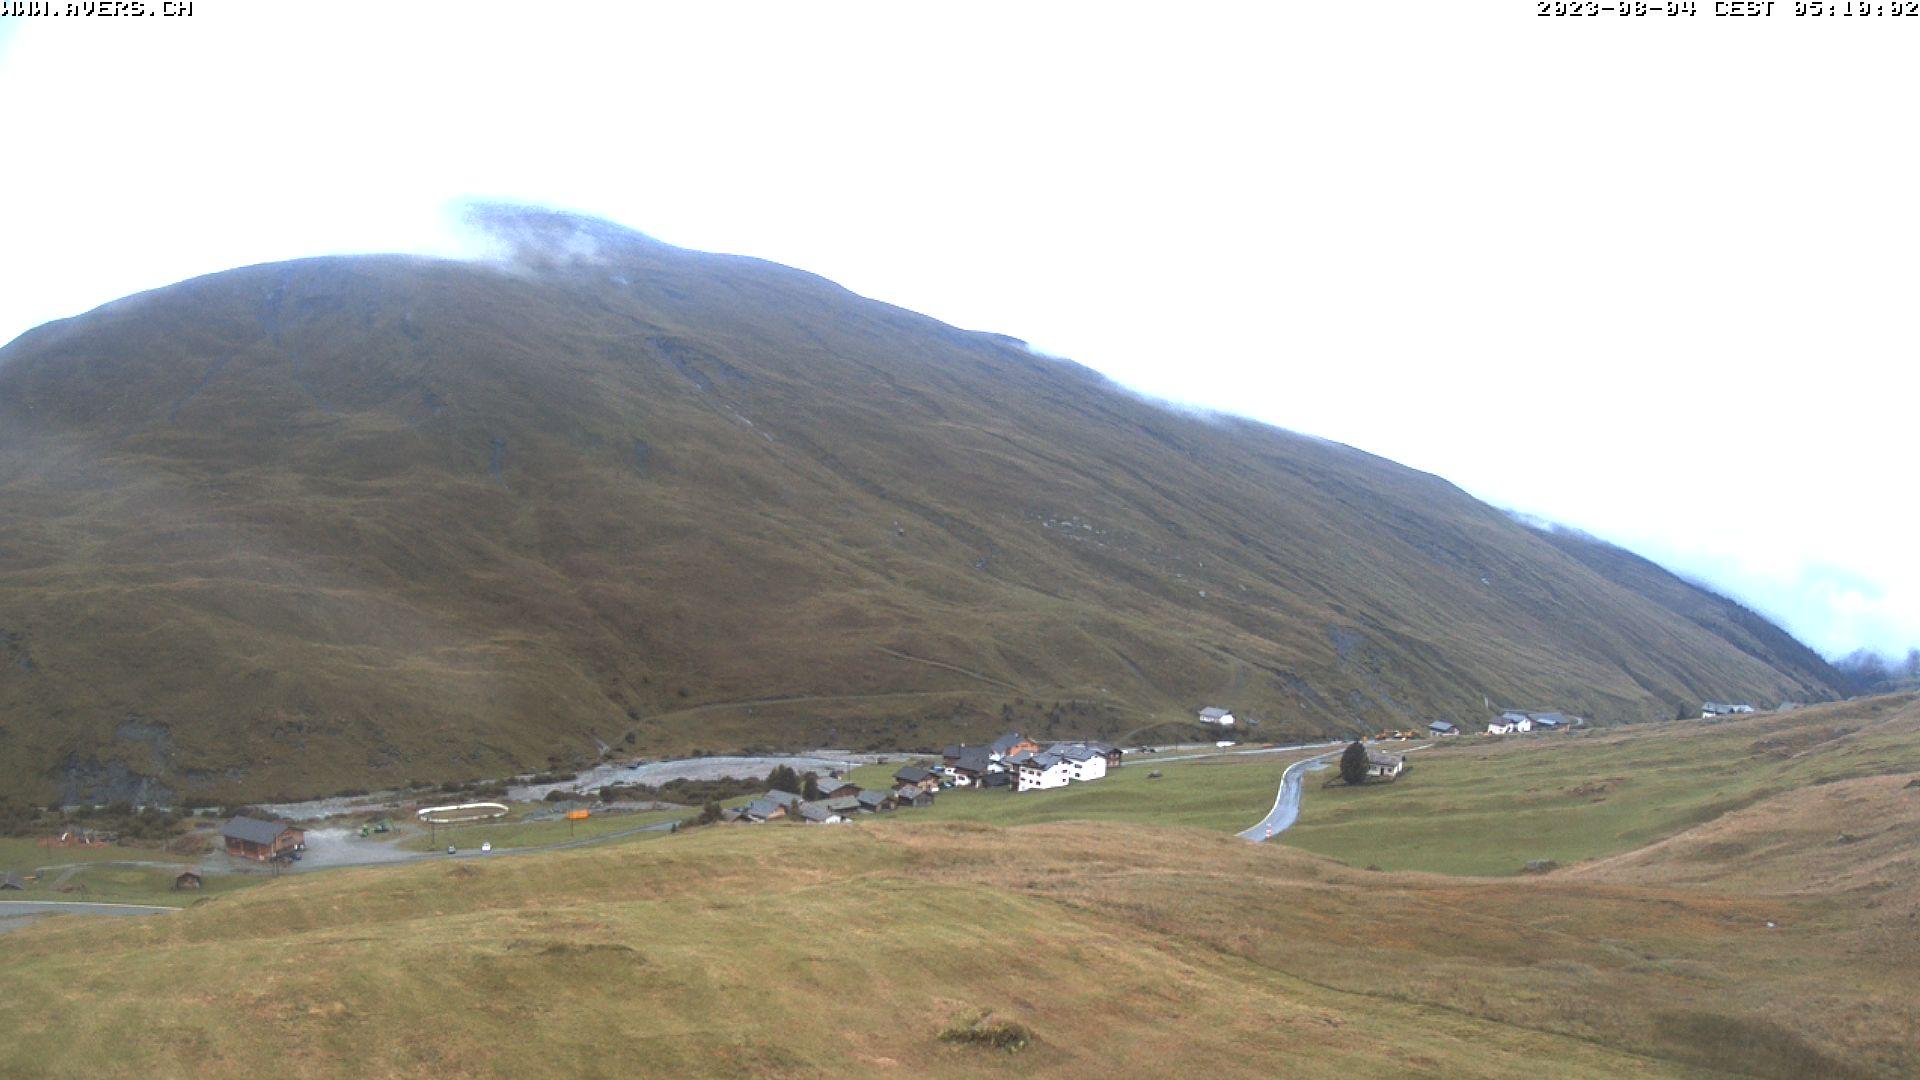 Grossansicht 05h - Avers Skilift Cavetta mit Sicht in die Bregalga.